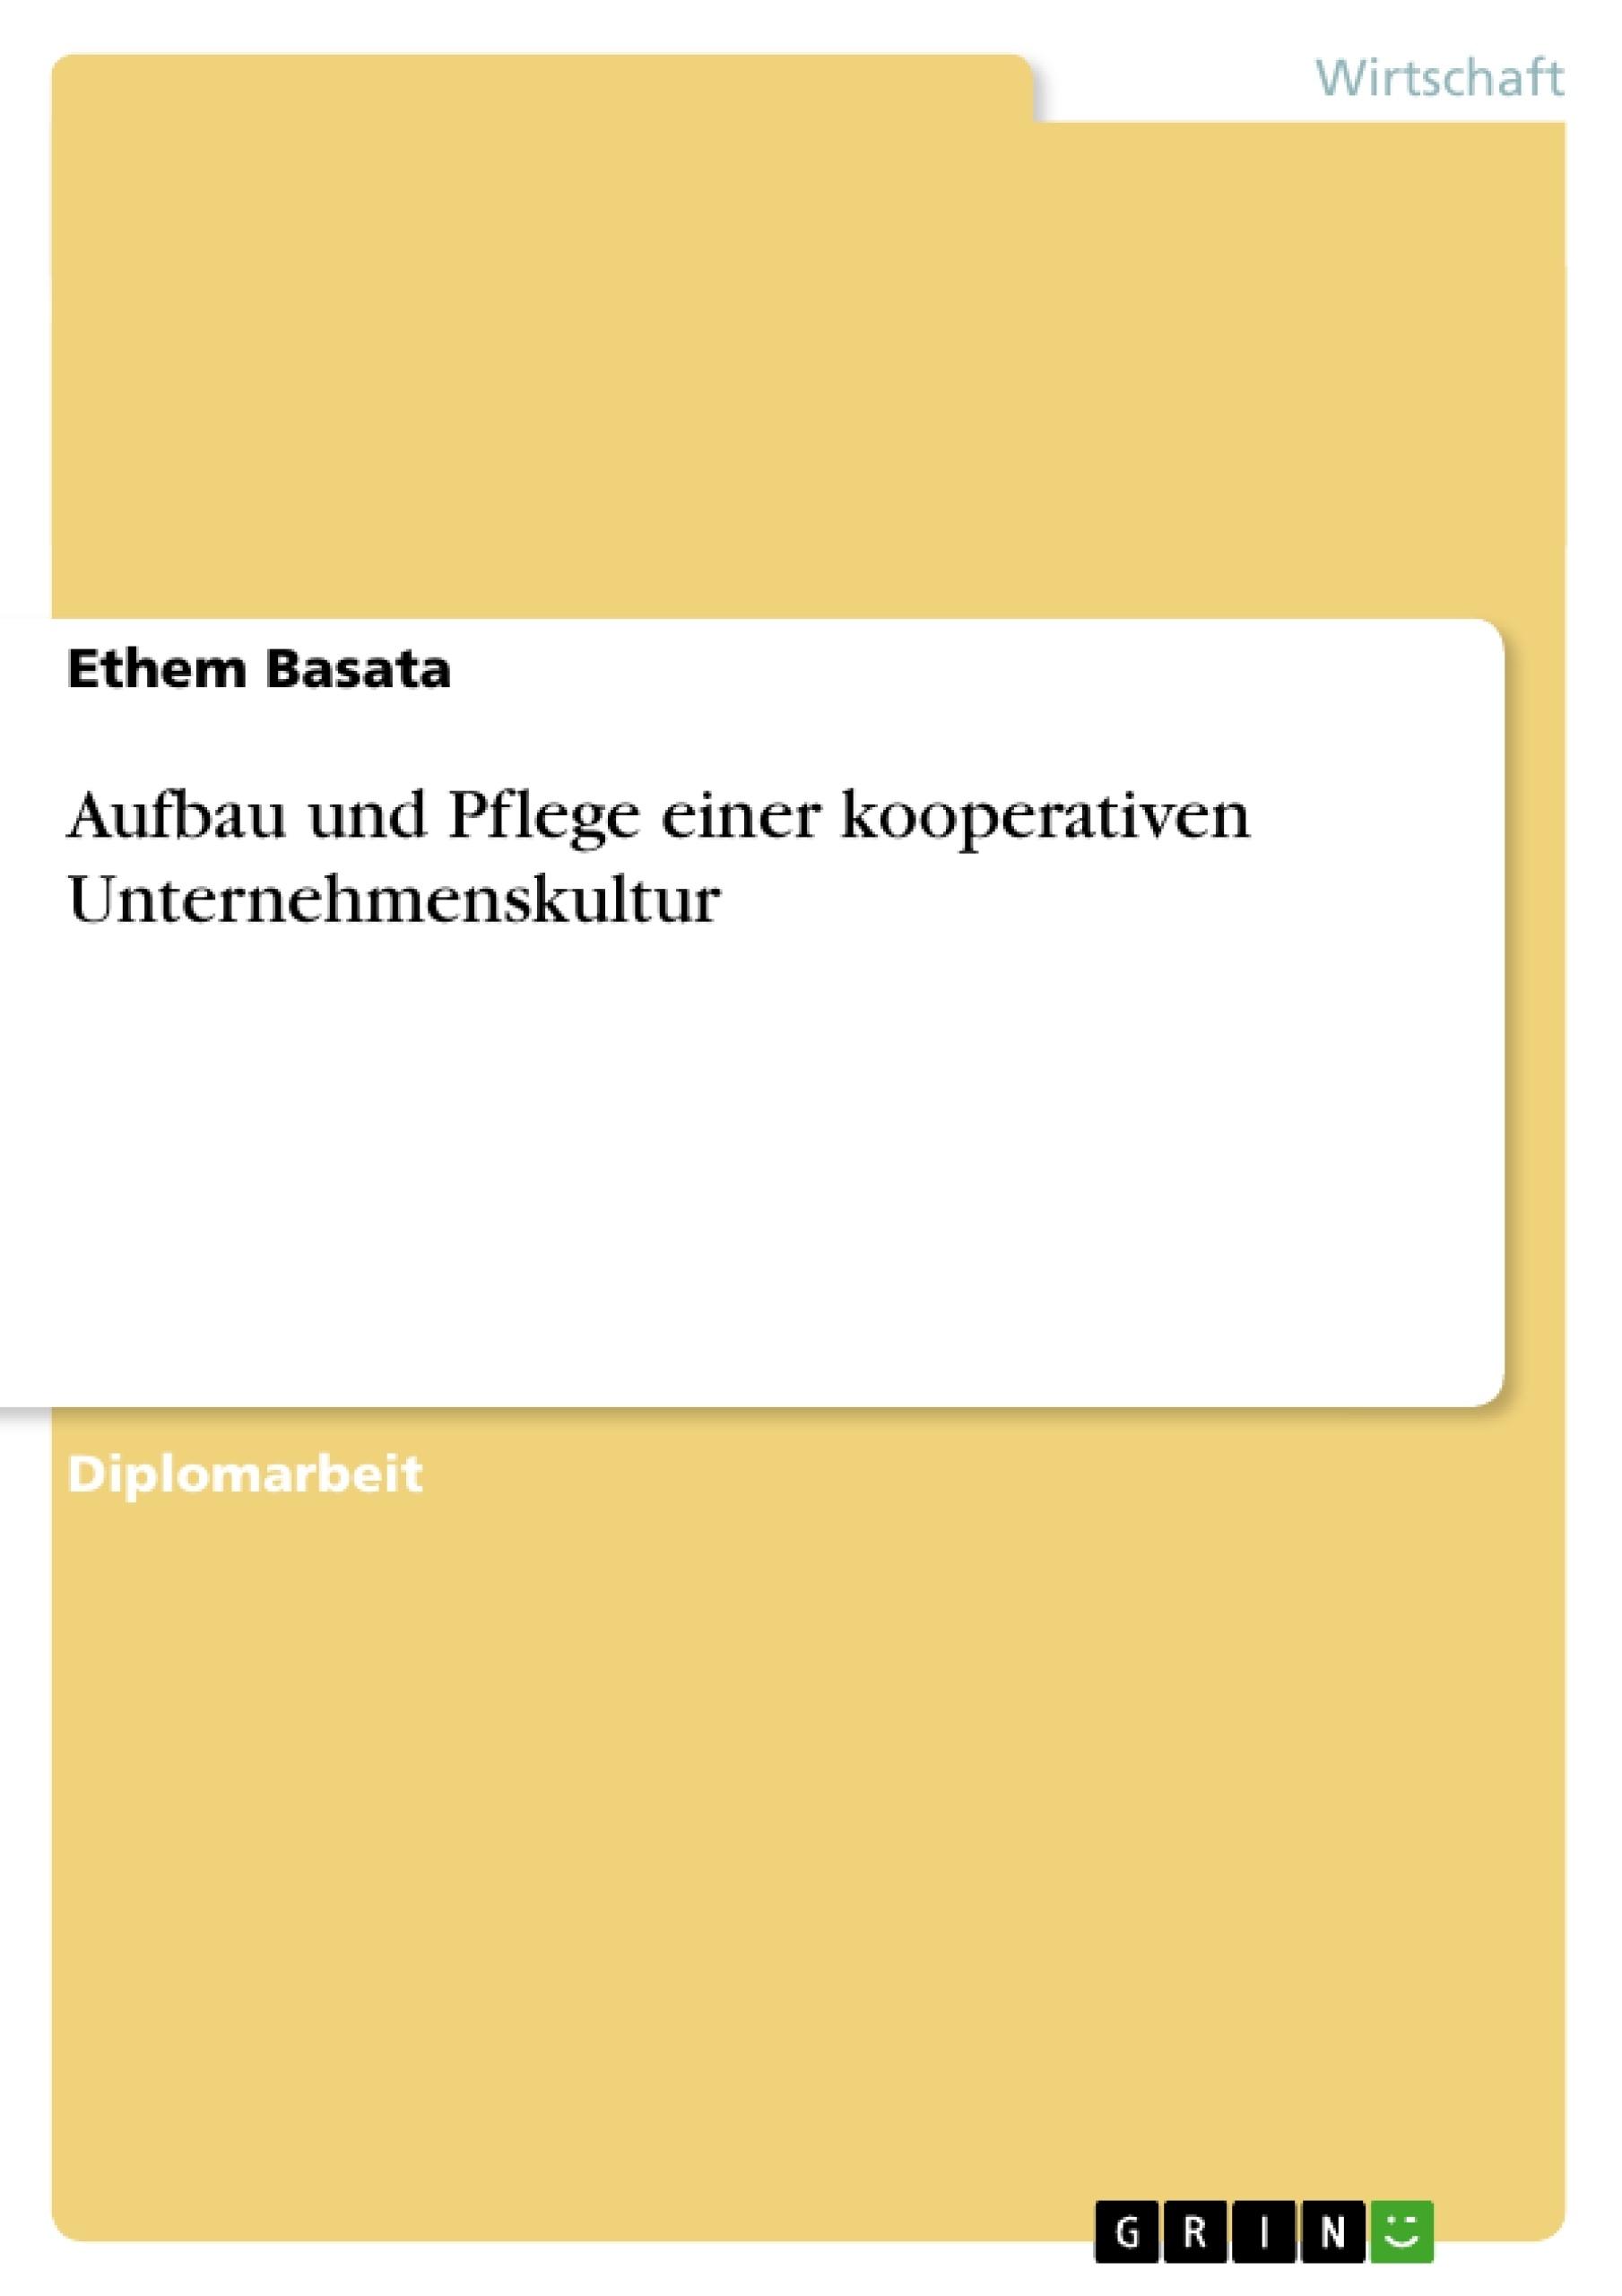 Titel: Aufbau und Pflege einer kooperativen Unternehmenskultur